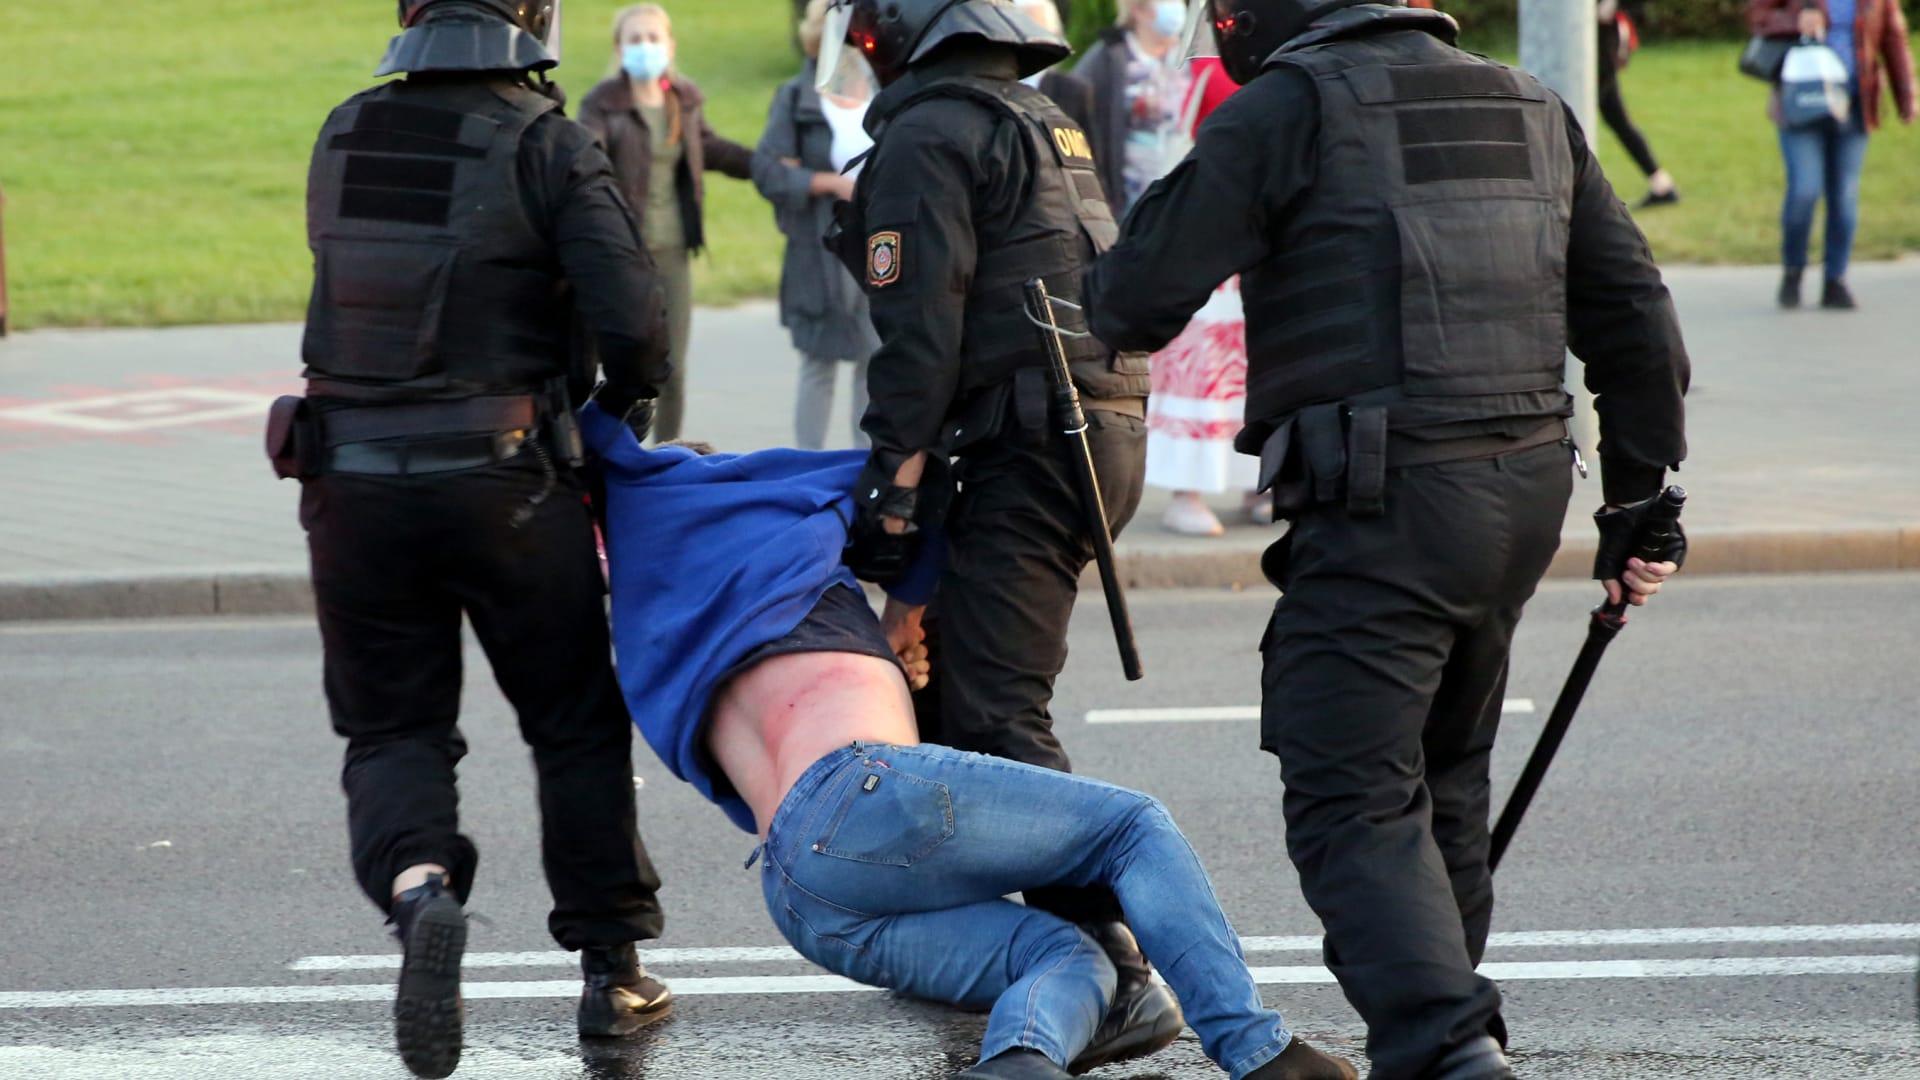 """""""قمع وانتخابات مزورة"""".. عقوبات أمريكية وأوروبية تستهدف عشرات من مسؤولي بيلاروسيا"""